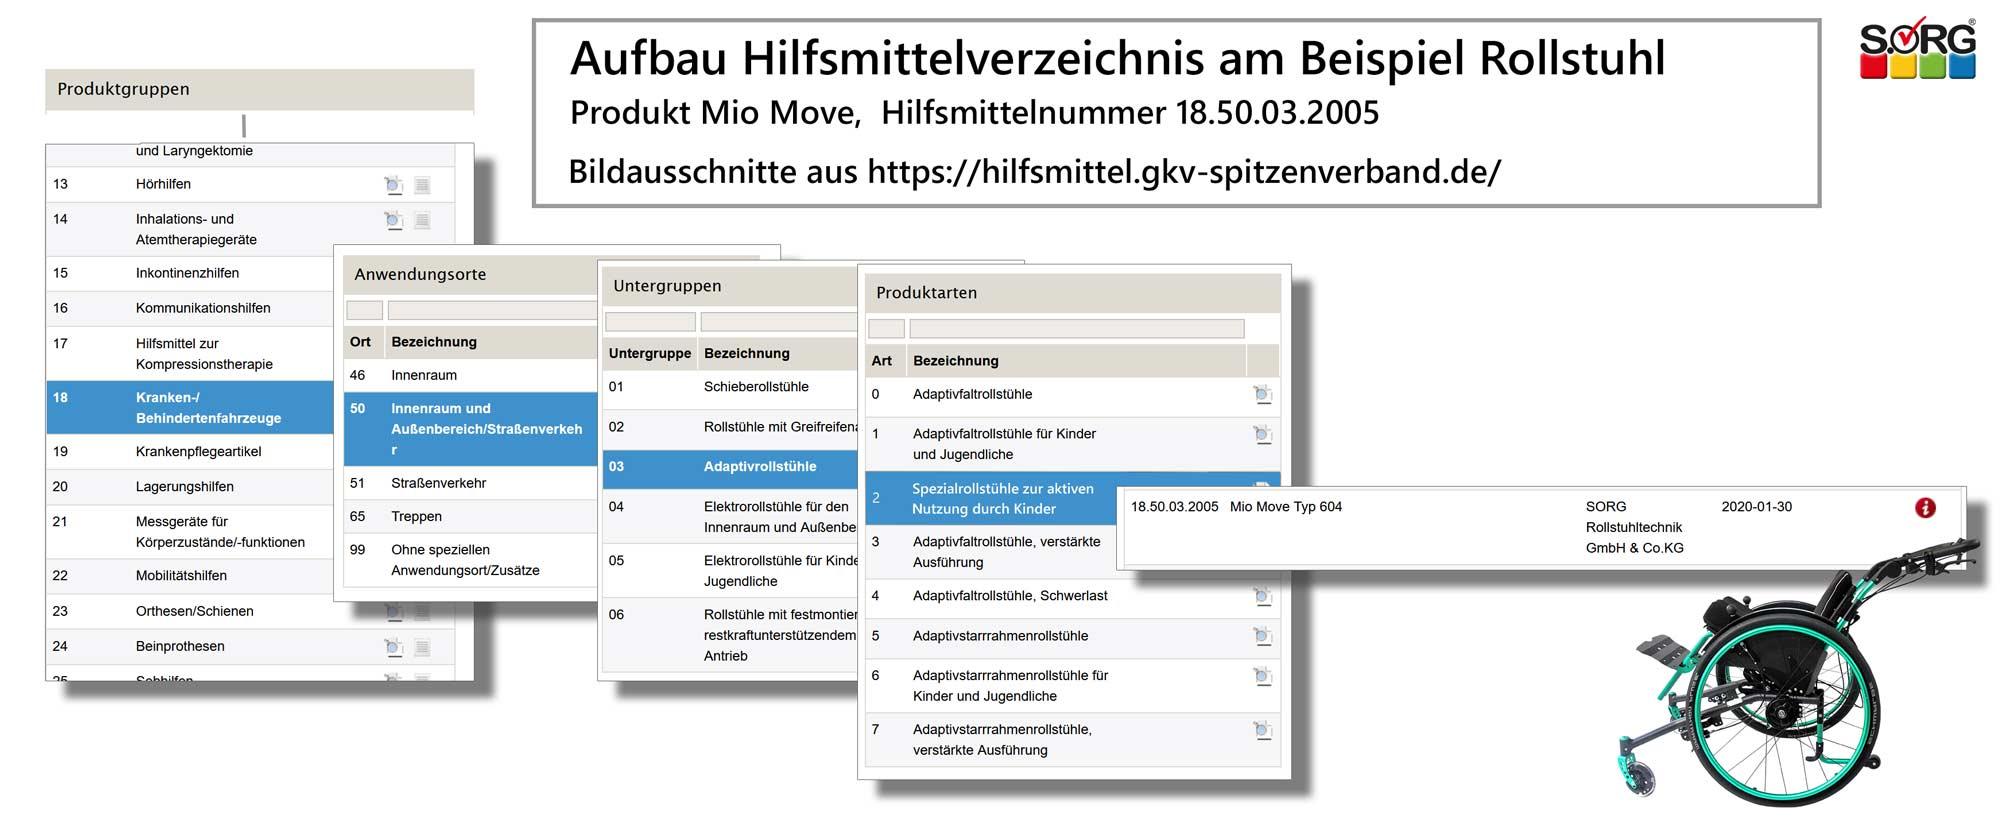 Aufbau Hilfsmittelnummer anhand Hilfsmittelverzeichnis GKV